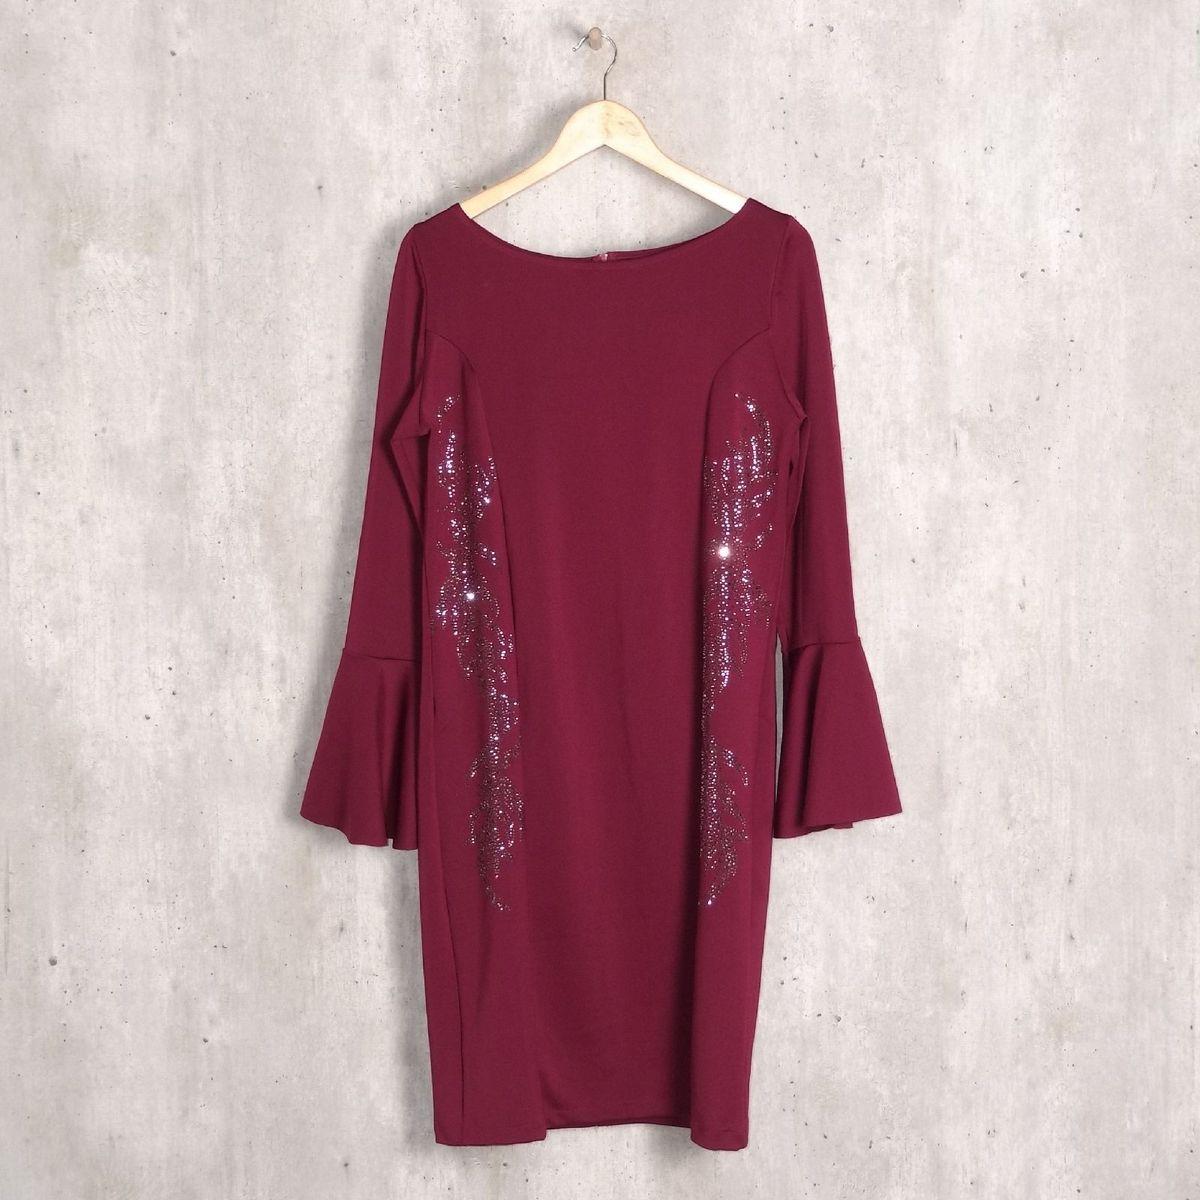 db5c2fe36cf4 Vestido Vinho Strass Plus Size | Vestido de Festa Feminino Edi Almeida  Nunca Usado 32964979 | enjoei